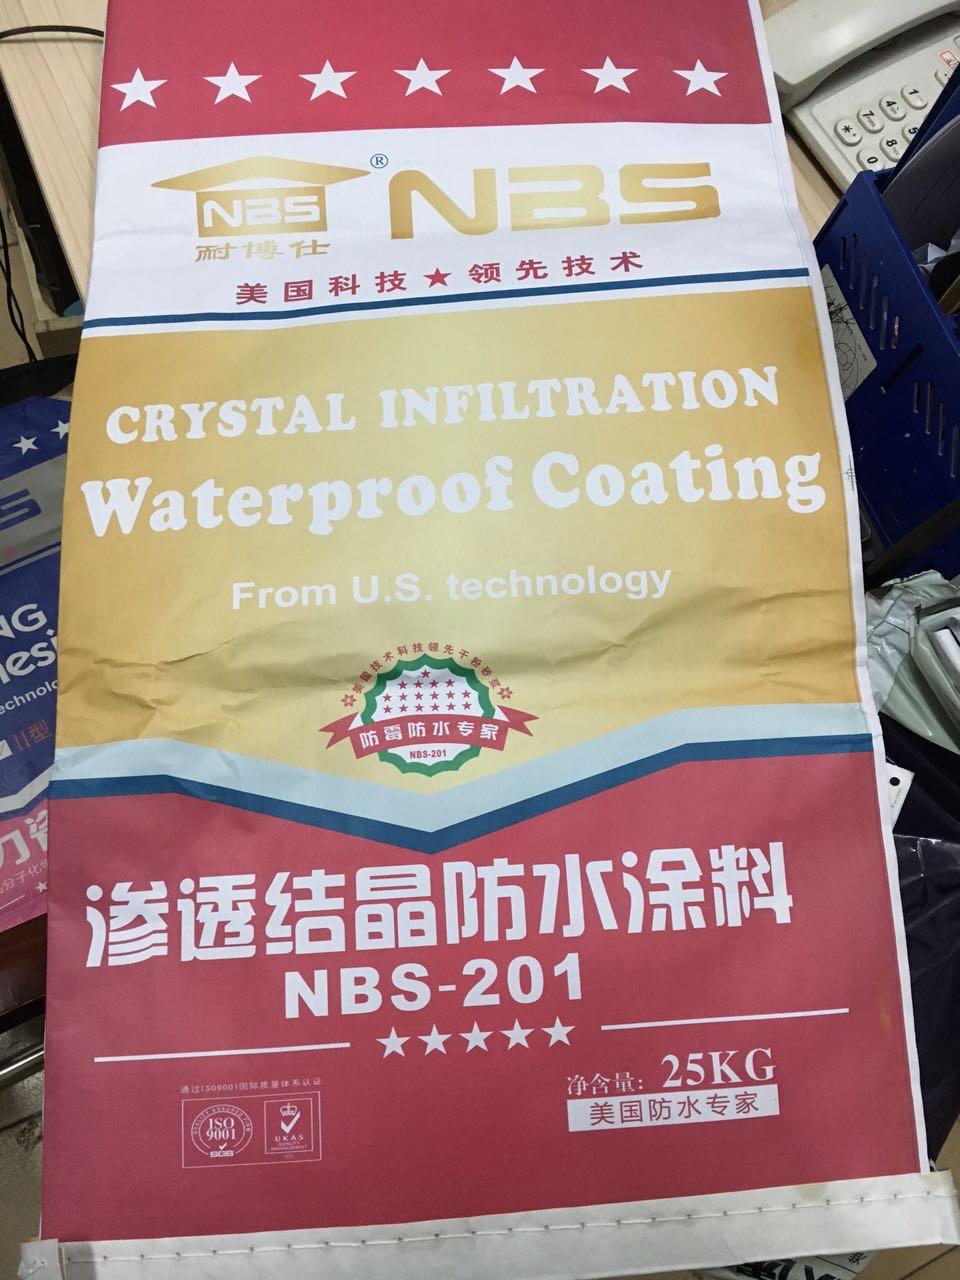 丙烯酸酯弹性防水涂料∣详细说明